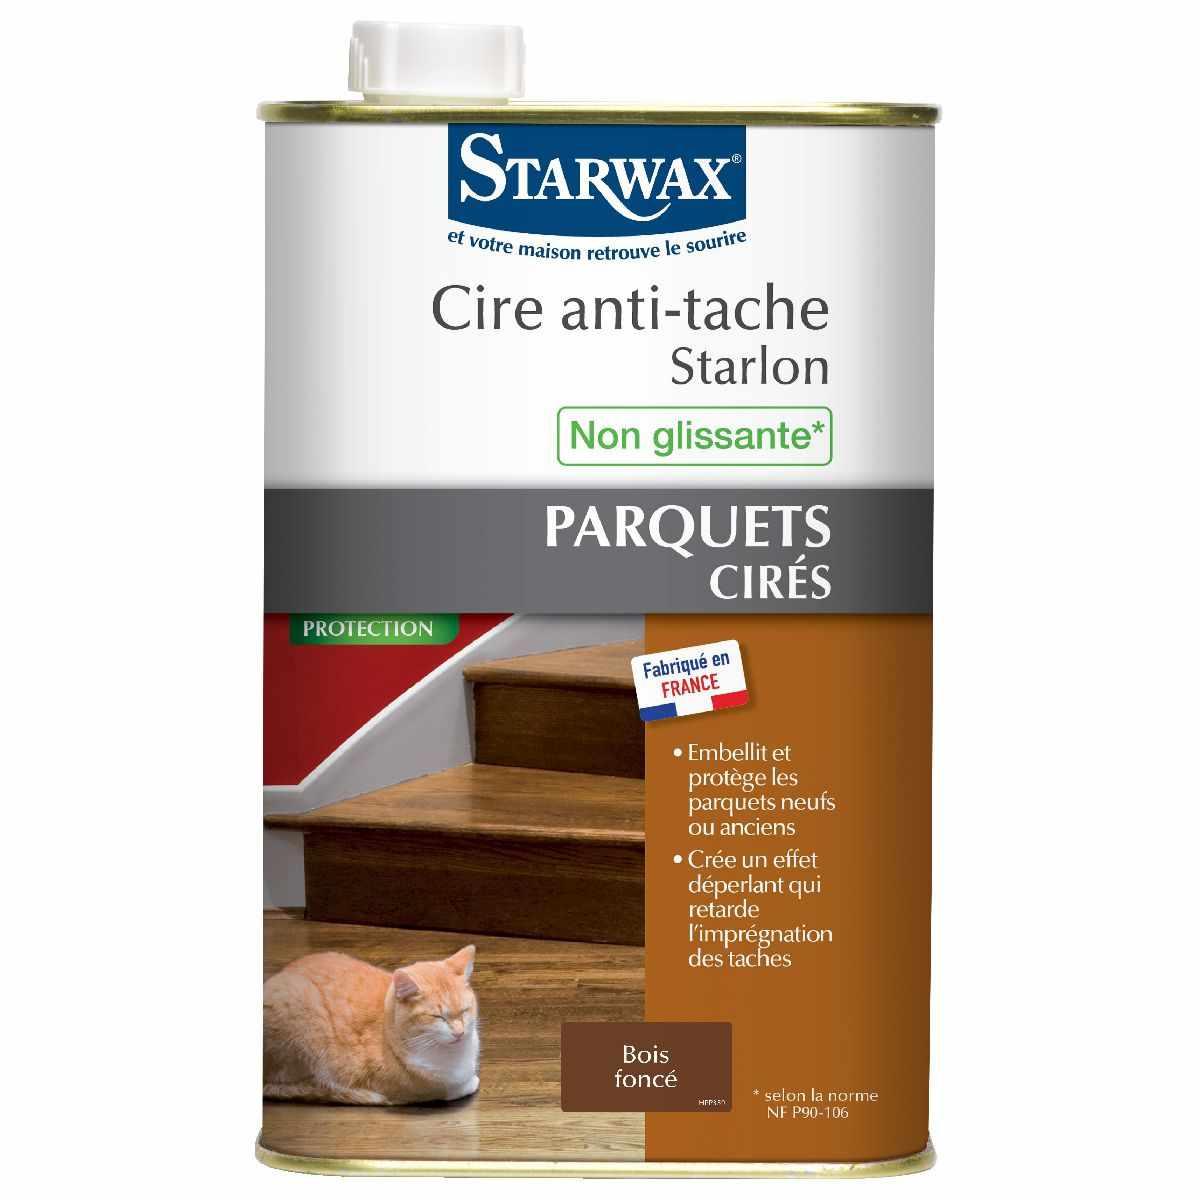 cire anti t che starlon starwax liquide 1 l bois fonc de cire anti tache. Black Bedroom Furniture Sets. Home Design Ideas